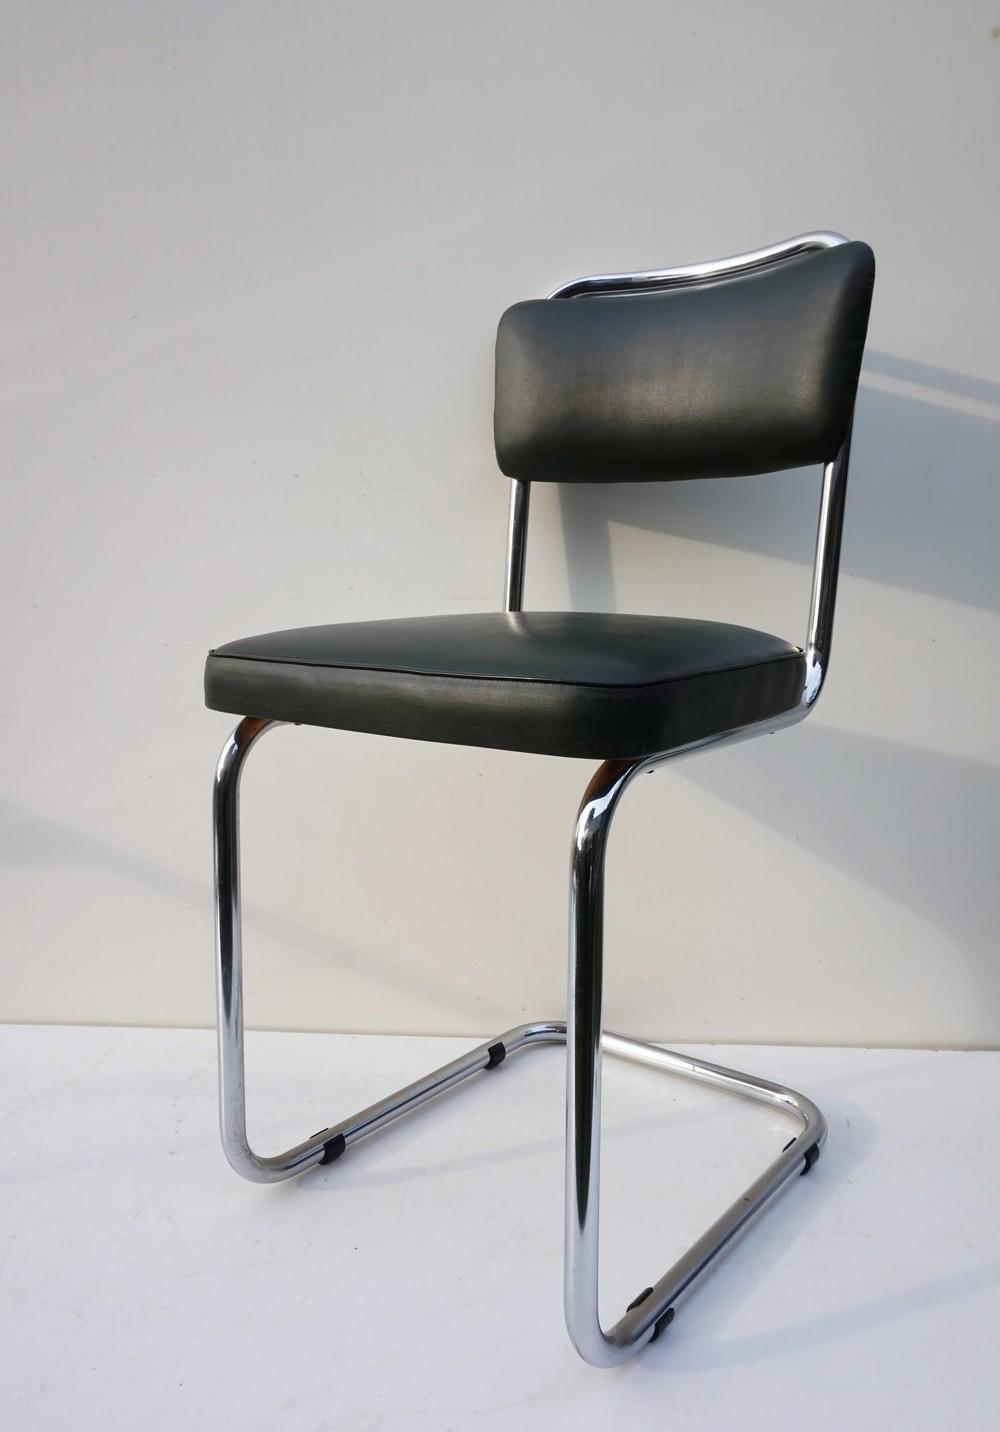 Dutch Tubular Cantilever Office Chair